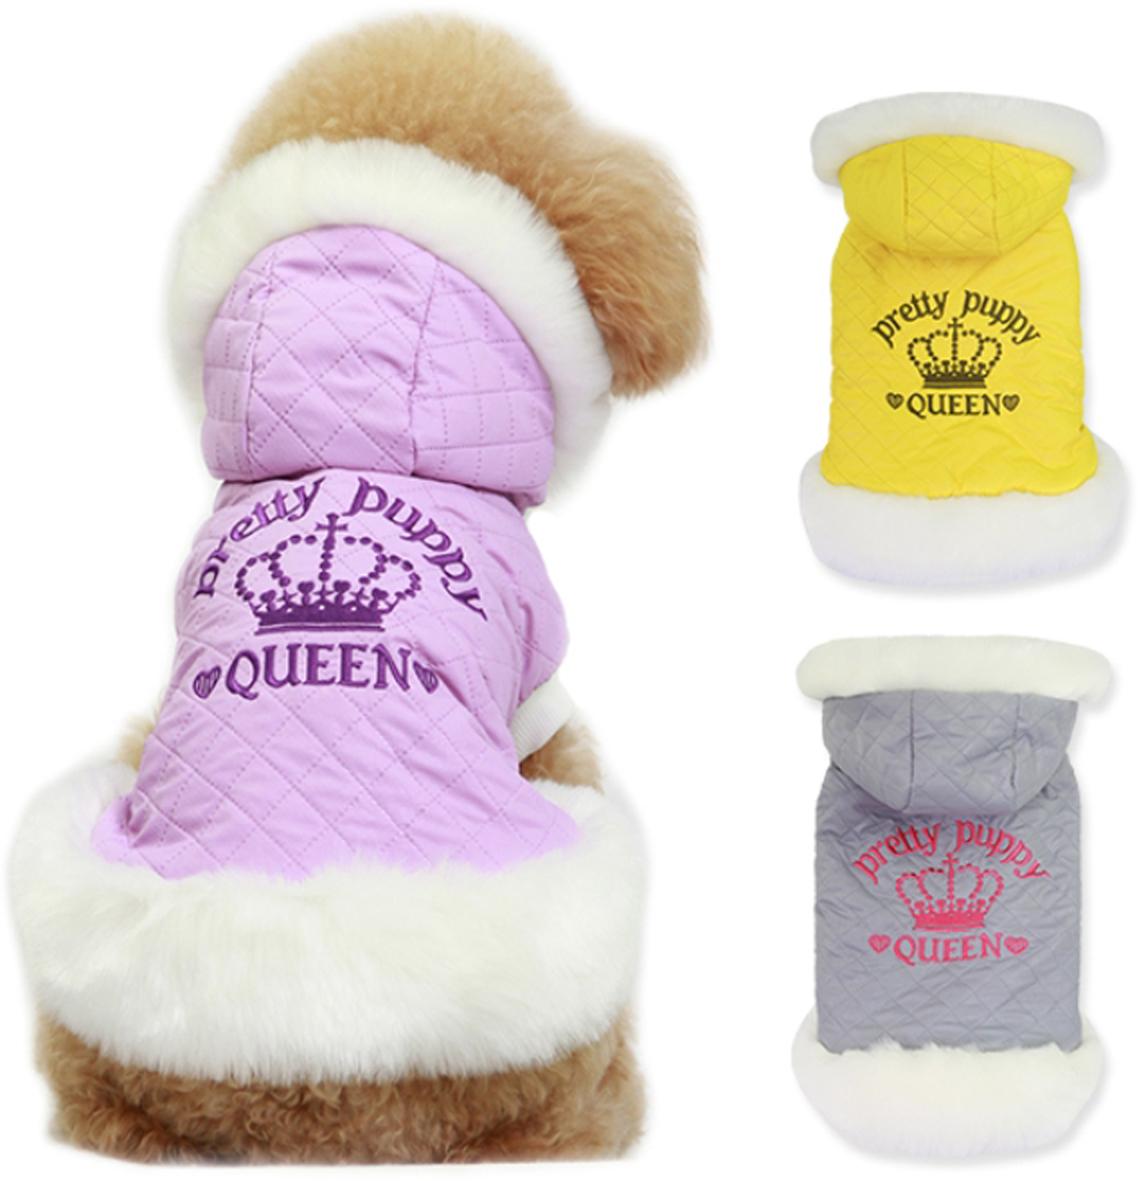 Куртка для собак Dobaz Pretty Puppy, цвет: желтый. ДА14068СХС. Размер XSДА14068СХСКуртка для собак Dobaz Pretty Puppy выполнена из плотной непромокаемой ткани с декоративной стежкой. Воротник и нижний край изделия оторочены белым мехом, подкладка также выполнена из меха. На спине куртка декорирована вышивкой. Обхват шеи: 20 см.Обхват груди: 31 см.Длина спинки: 21 см.Одежда для собак: нужна ли она и как её выбрать. Статья OZON Гид